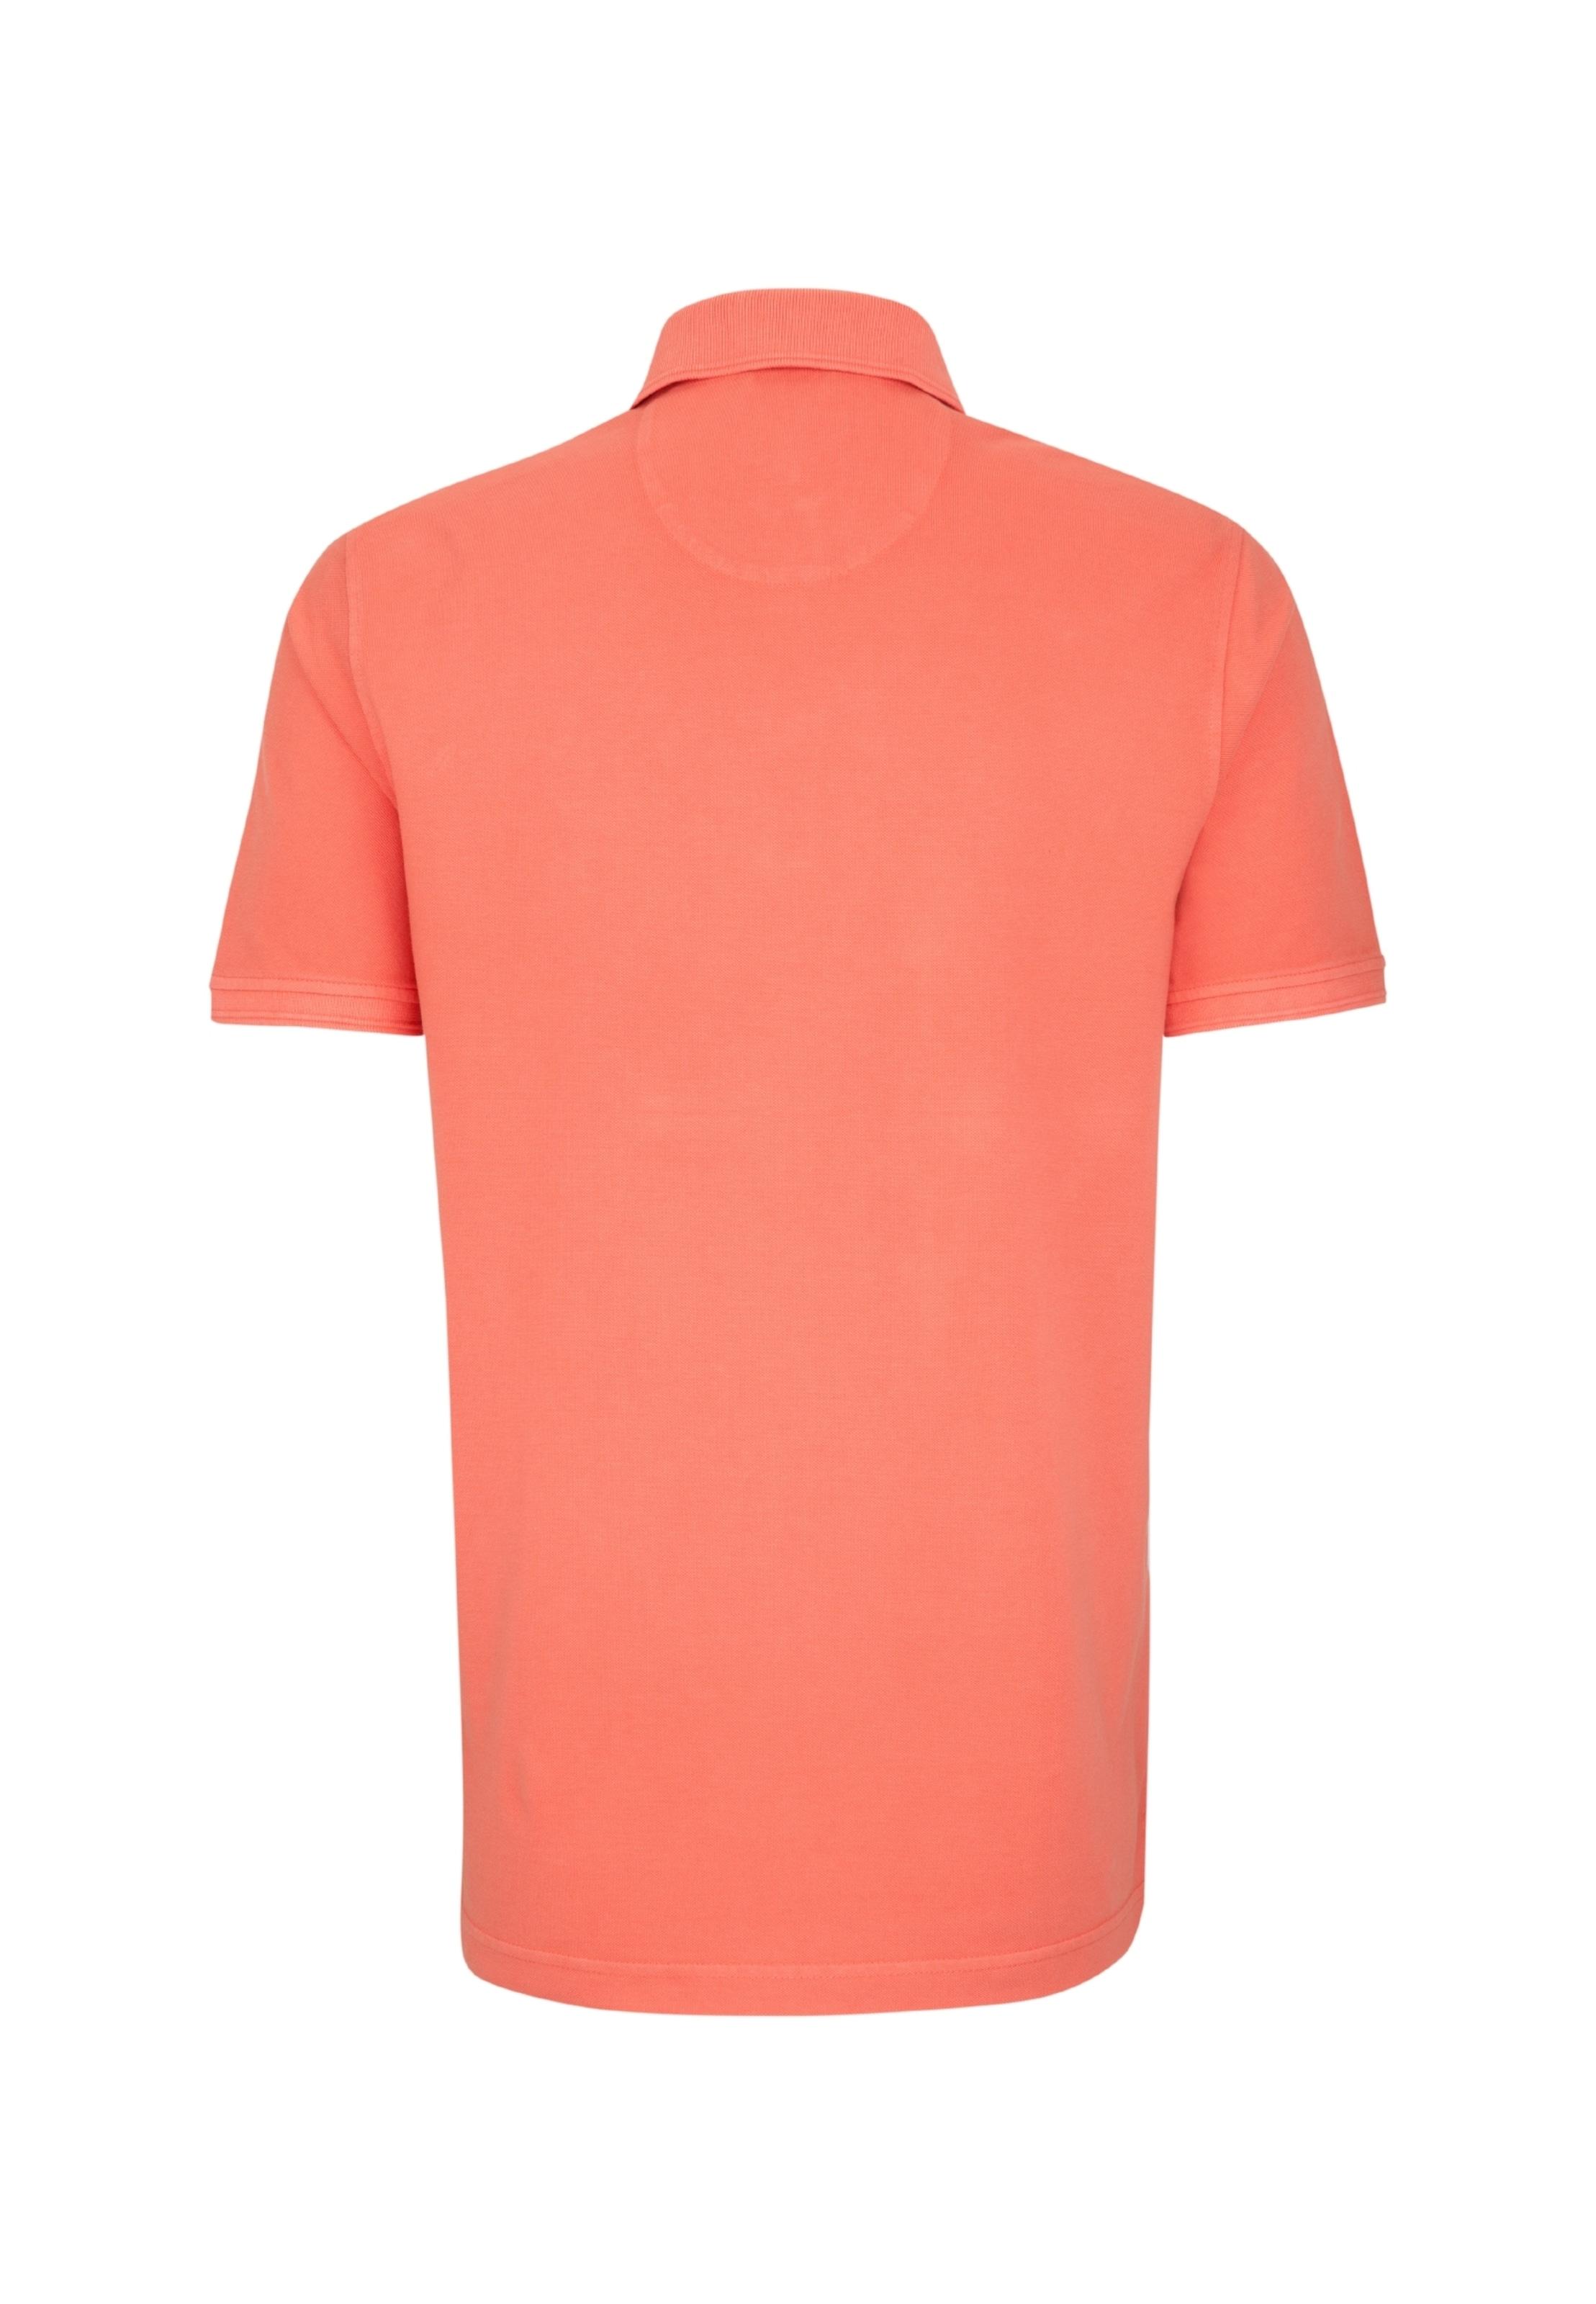 shirt Corail En Active Camel T OPXkiZu